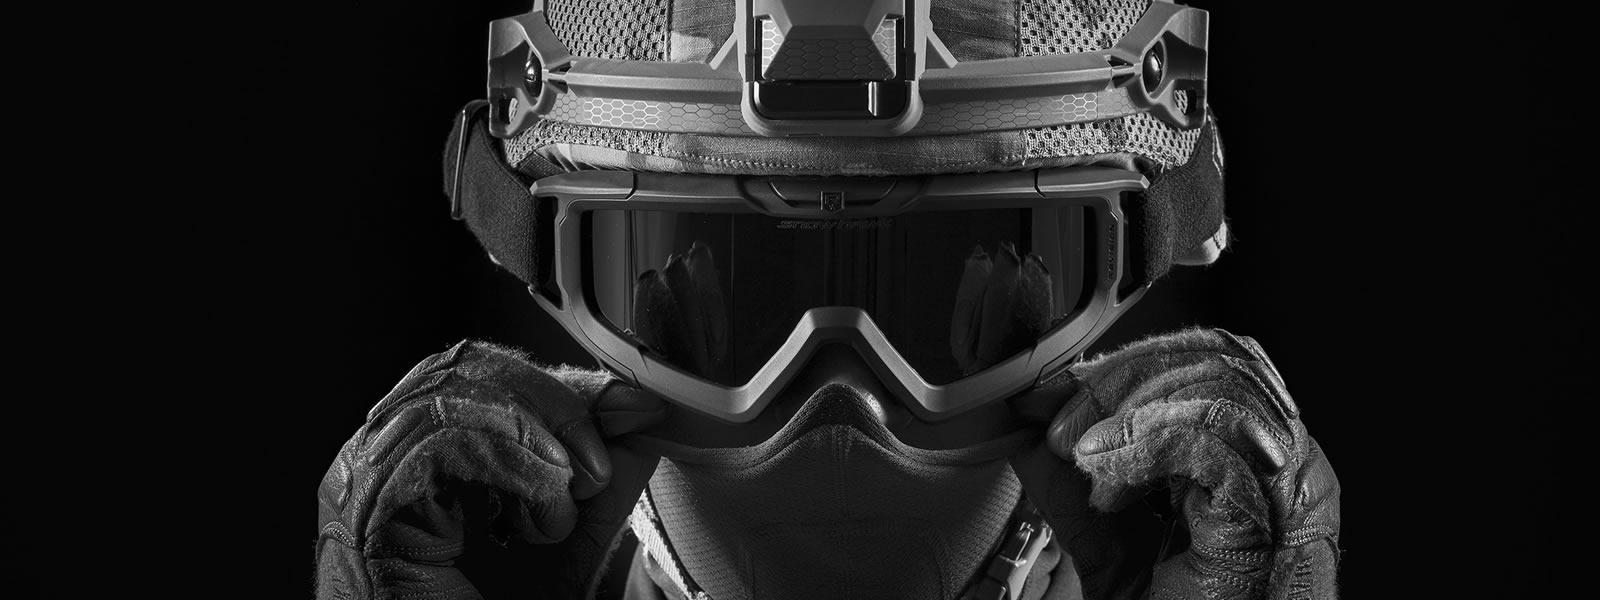 tactical equipment ballistic goggles